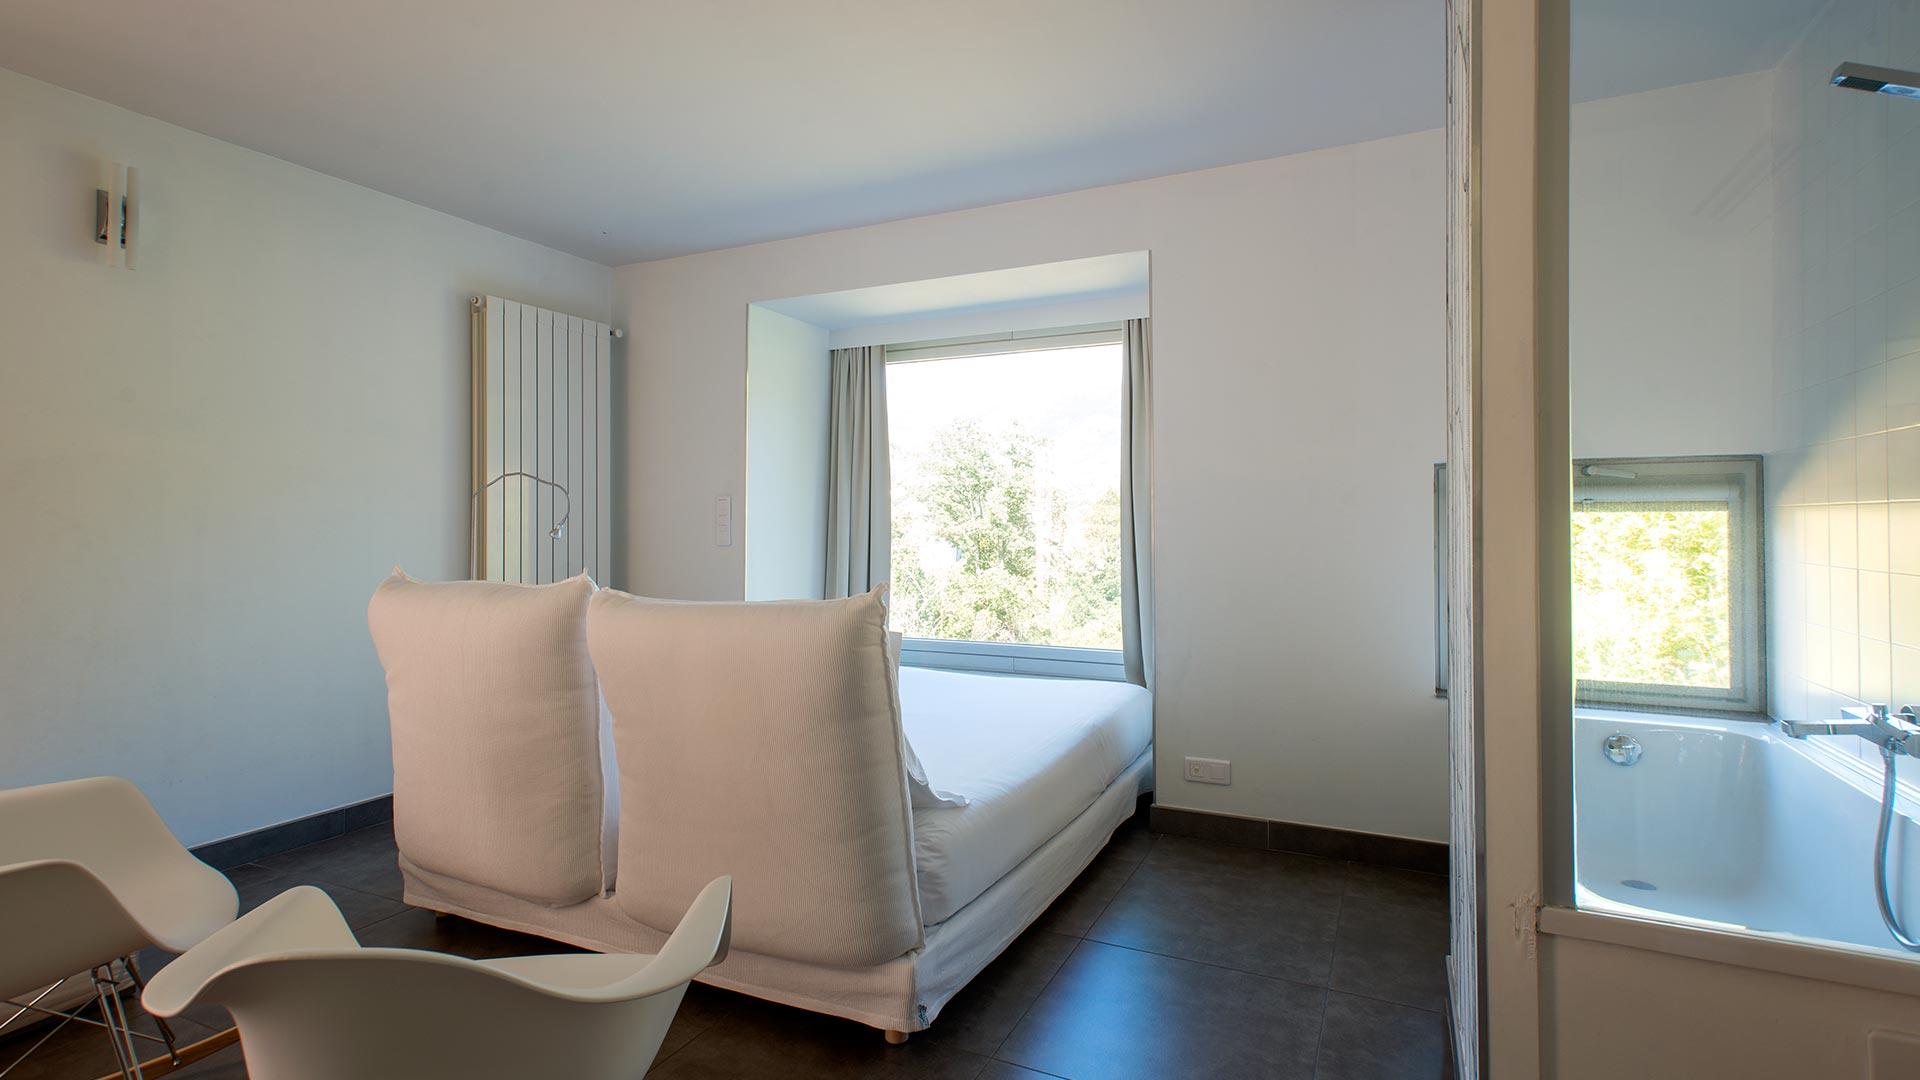 Chambre d'hotel pres d'ajaccio